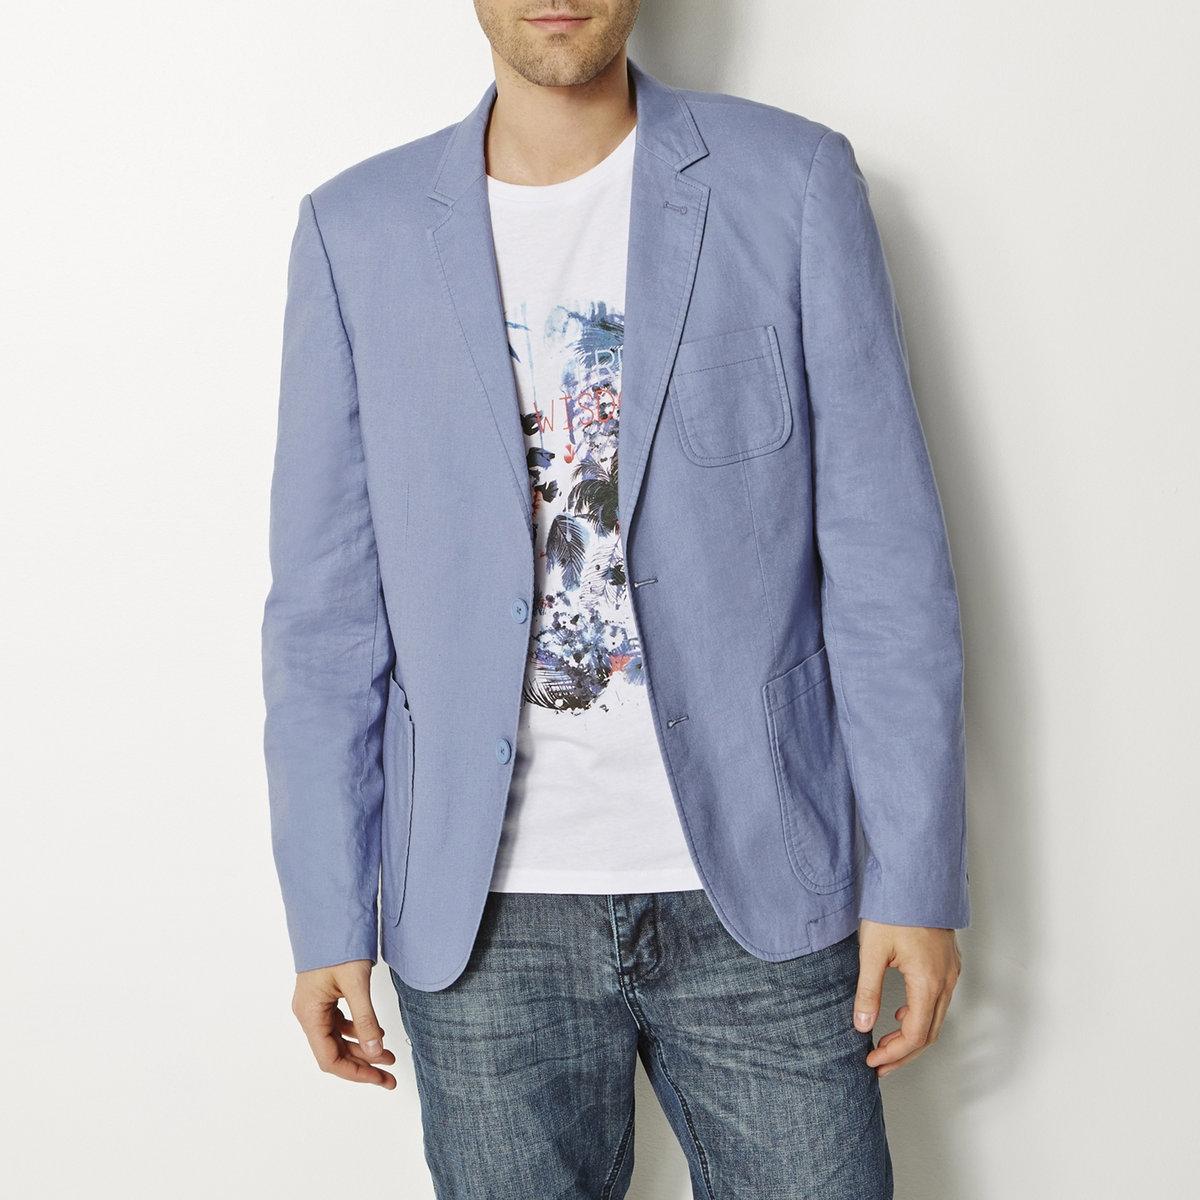 Пиджак, 55% льнаПиджак из 55% льна, 45% хлопка. 2 накладных кармана. 2 пуговицы спереди. Небольшой накладной карман на груди. Рукава с пуговицами внизу. Отделка кантом с изнаночной стороны.<br><br>Цвет: синий джинсовый<br>Размер: 44